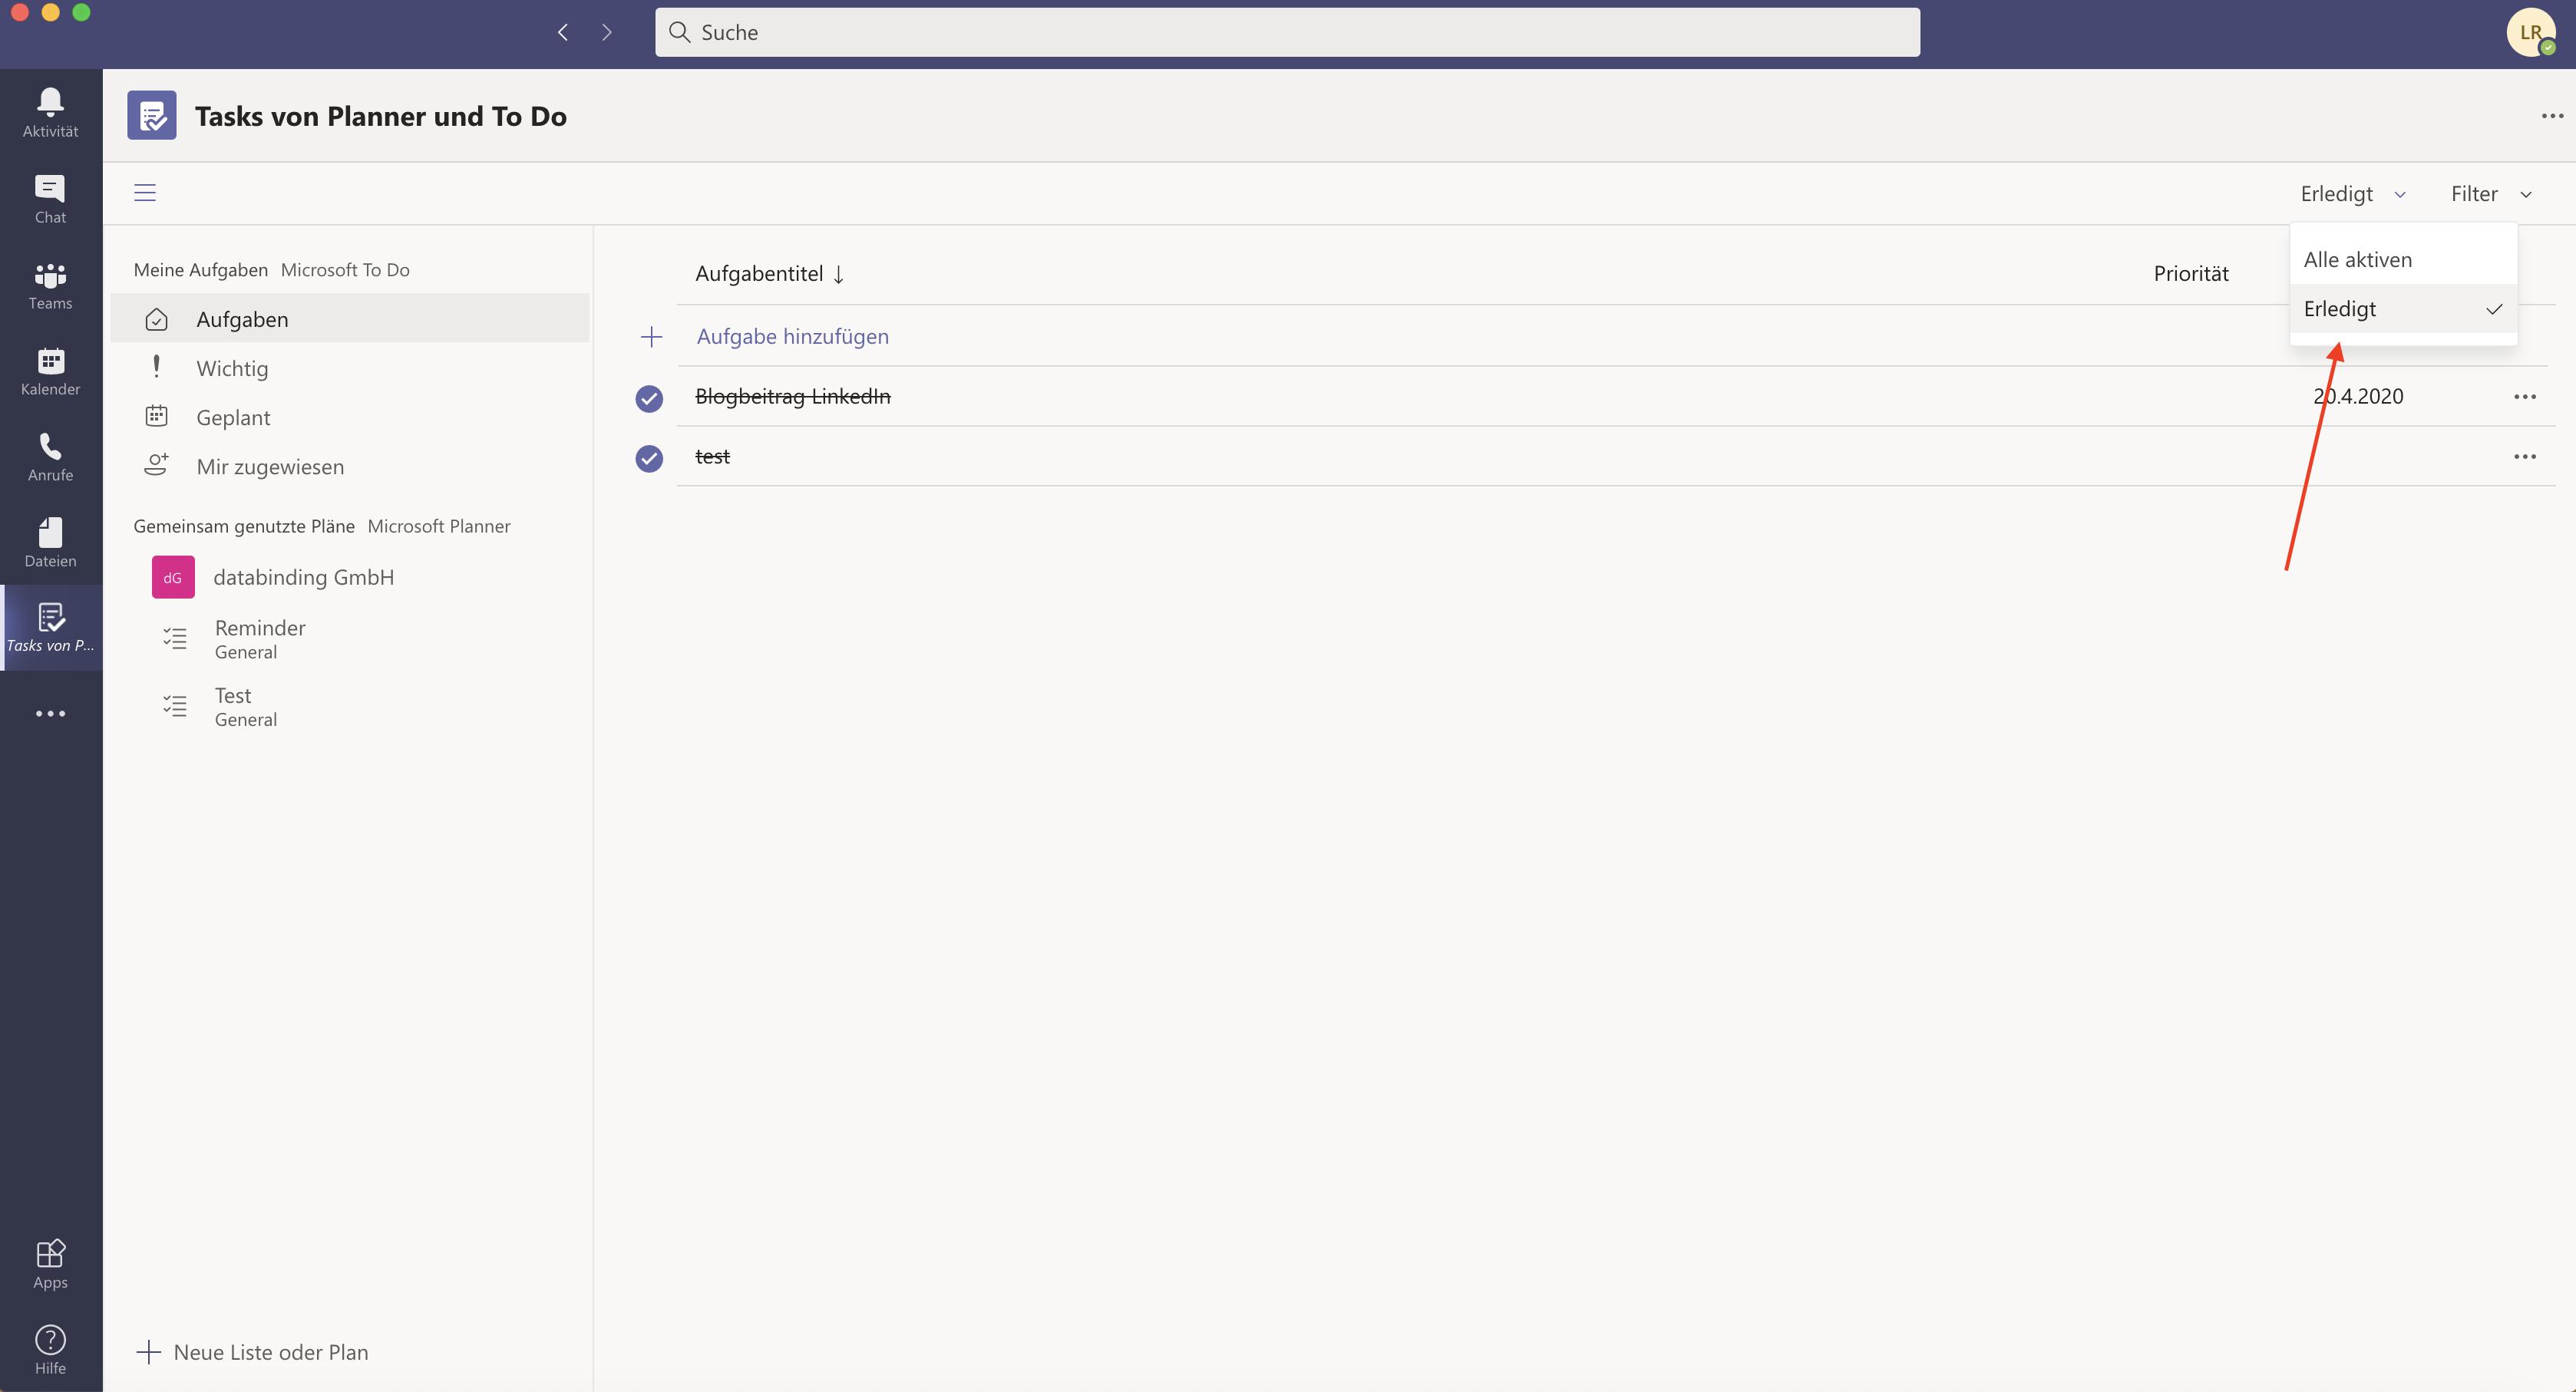 Das Bild zeigt in Microsoft Teams Tasks von Planner & To Do, wie man erledigte Aufgaben einsehen kann.